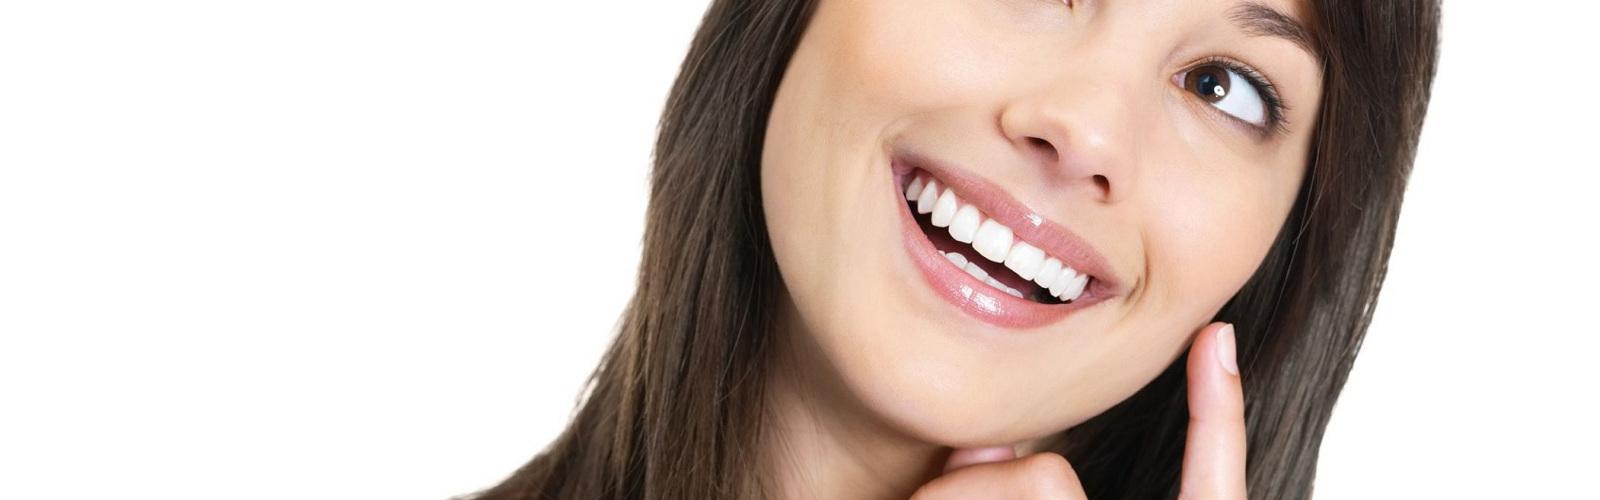 Studio_Dentistico_Chiavassa_Brescia_3_